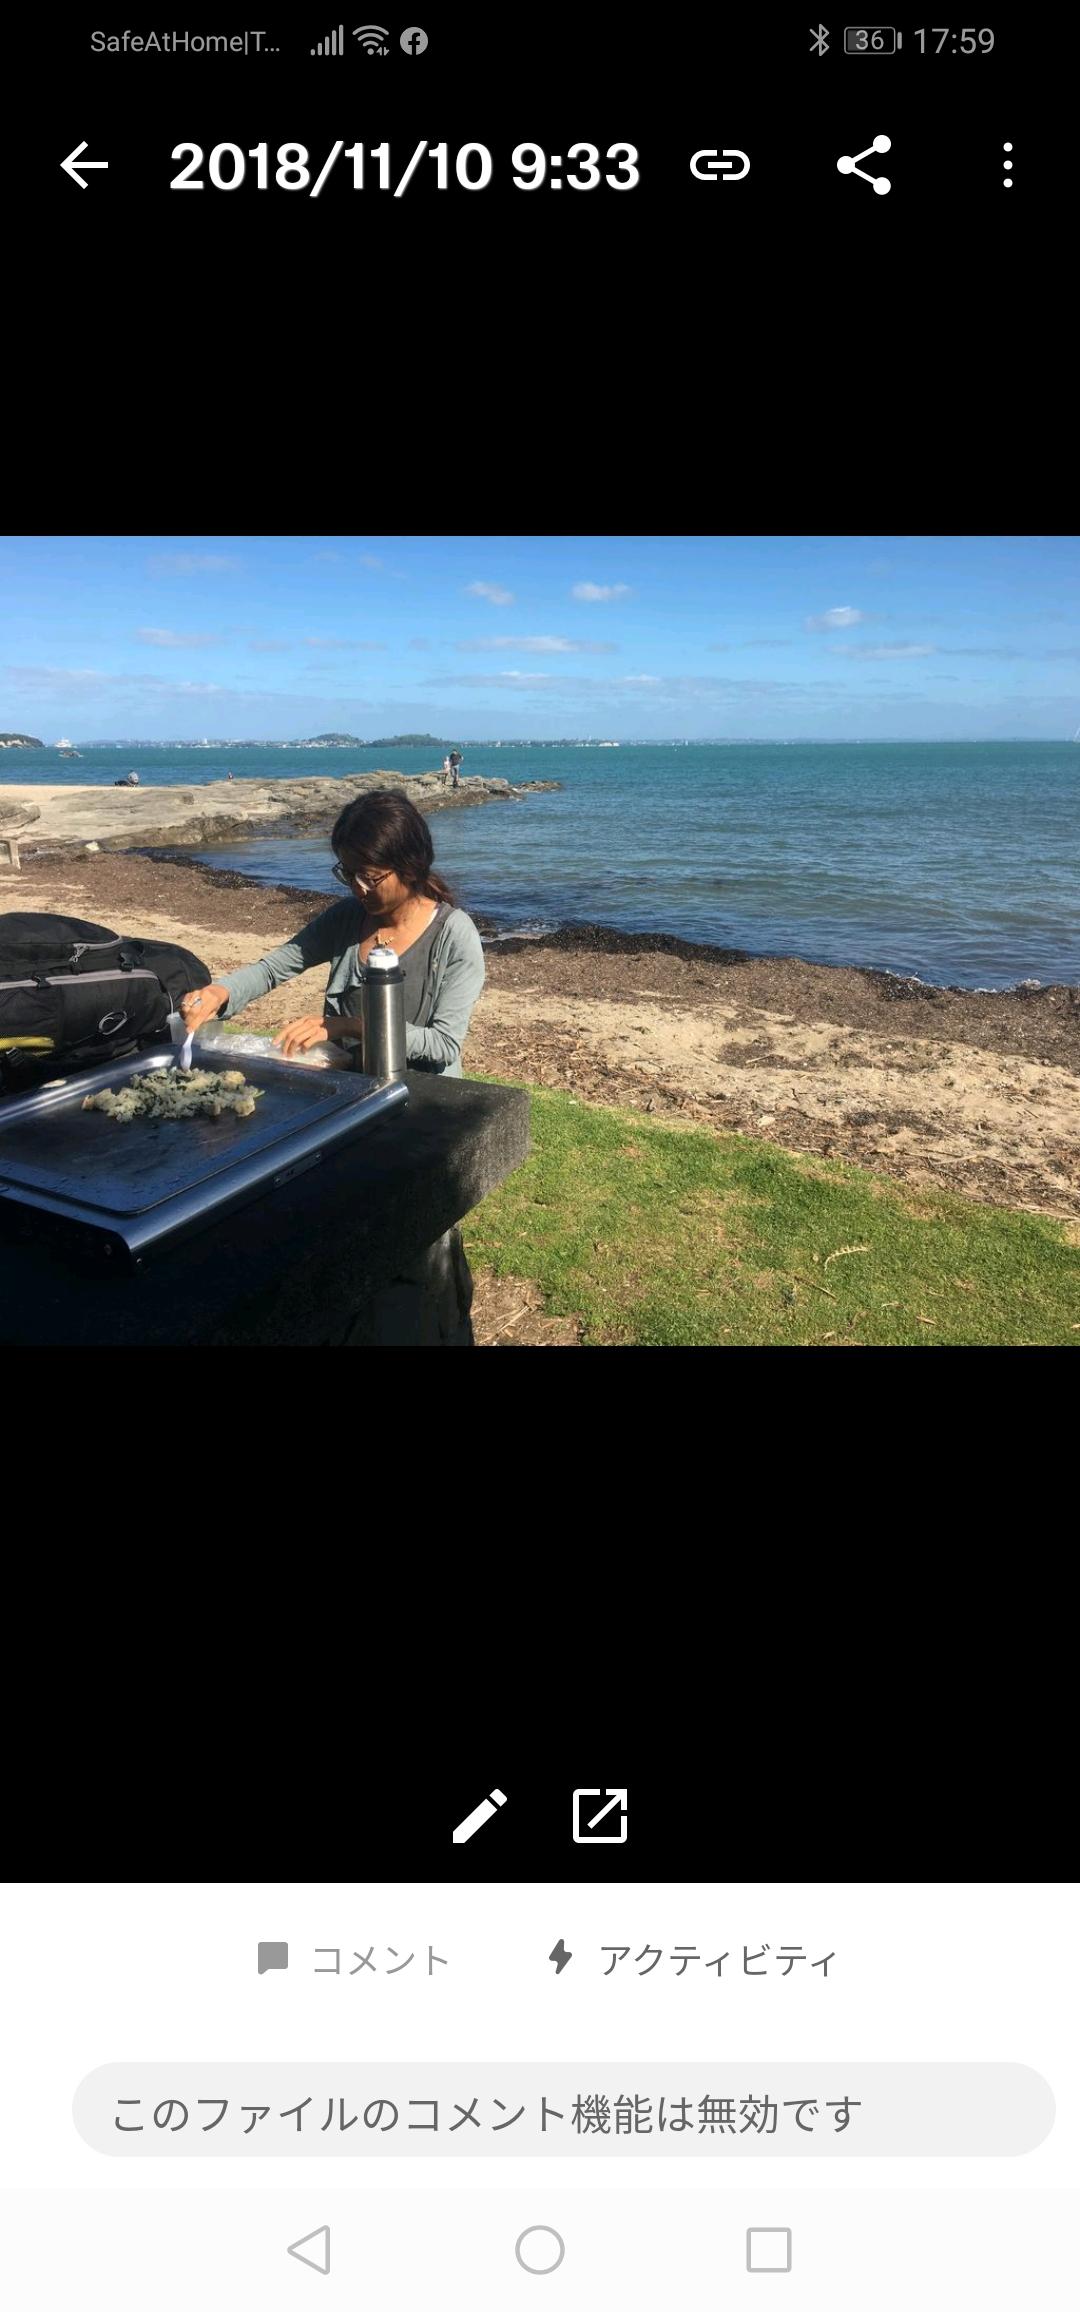 kohimarama beach,ニュージーランド,オークランド,観光地,ビーチ,ヒッチハイク,マオリ,マヌカウ,ボタニックガーデン,mount eden,count down ,mission beach,無料コンロ